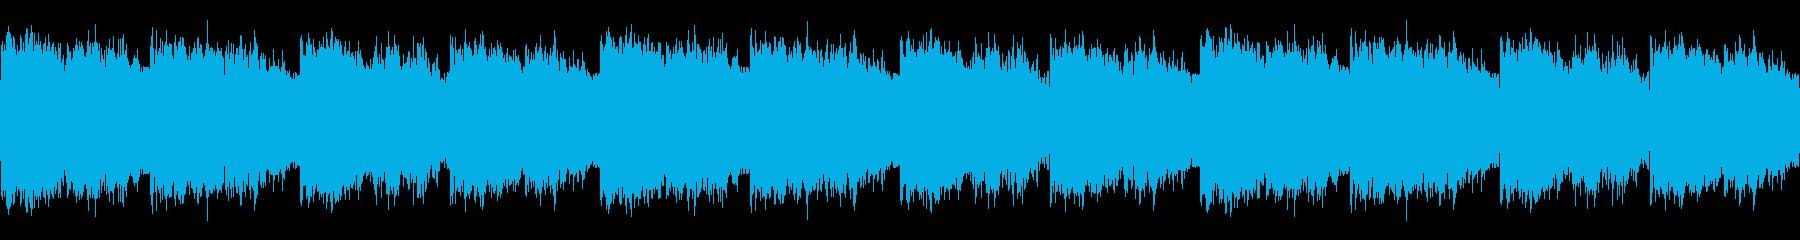 南の島にある豊かな森のイメージの再生済みの波形